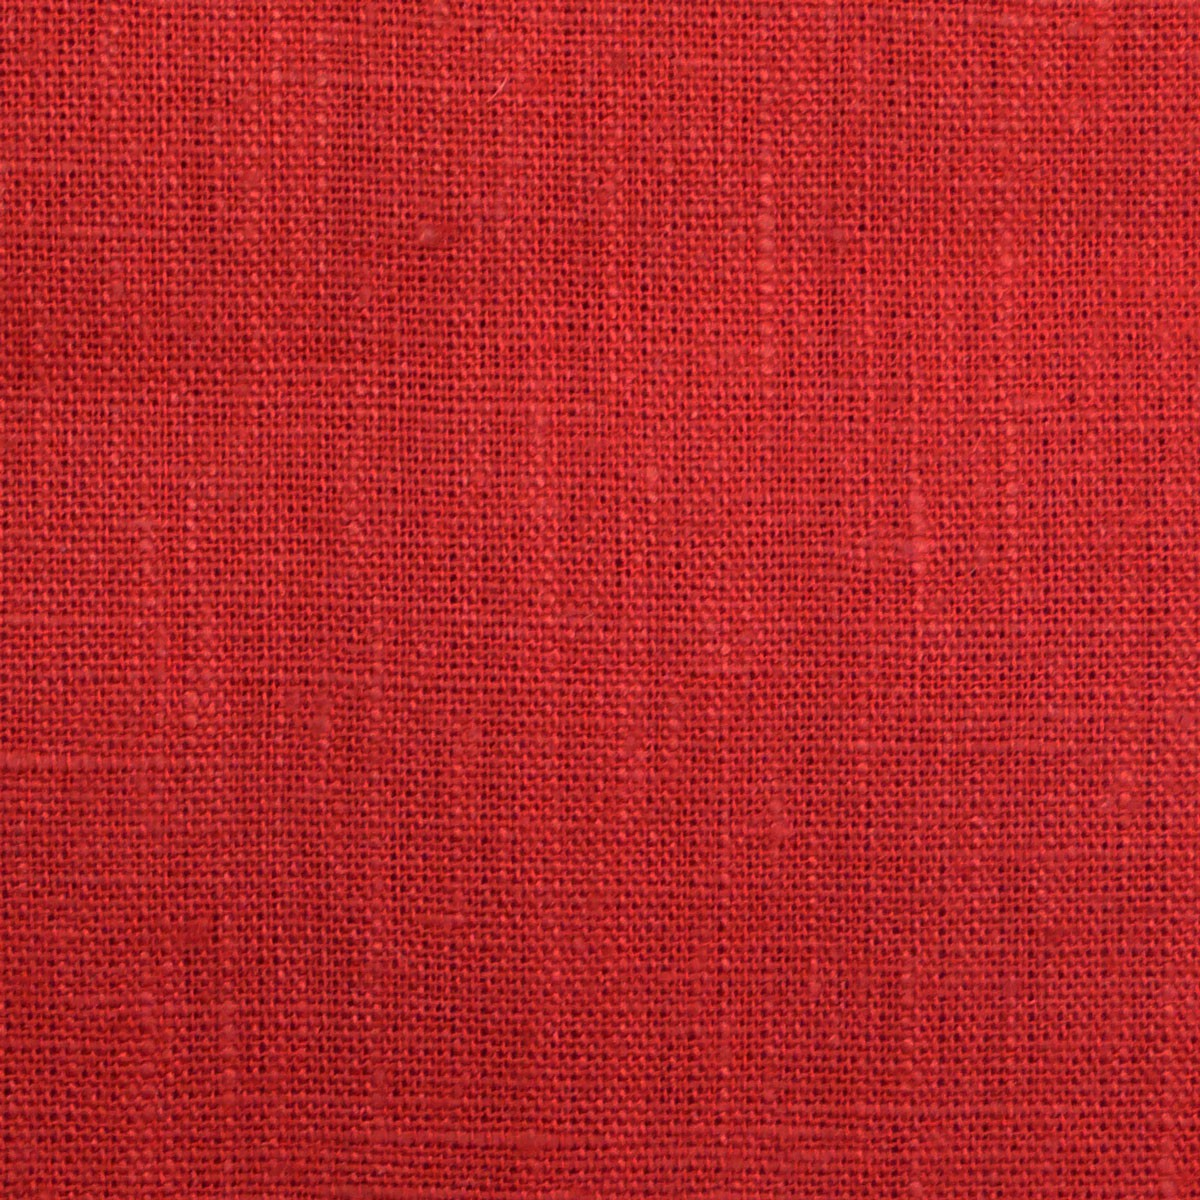 leinen tischdecke erik 150x250cm rot wohntextilien leinen tischw sche tischdecken. Black Bedroom Furniture Sets. Home Design Ideas